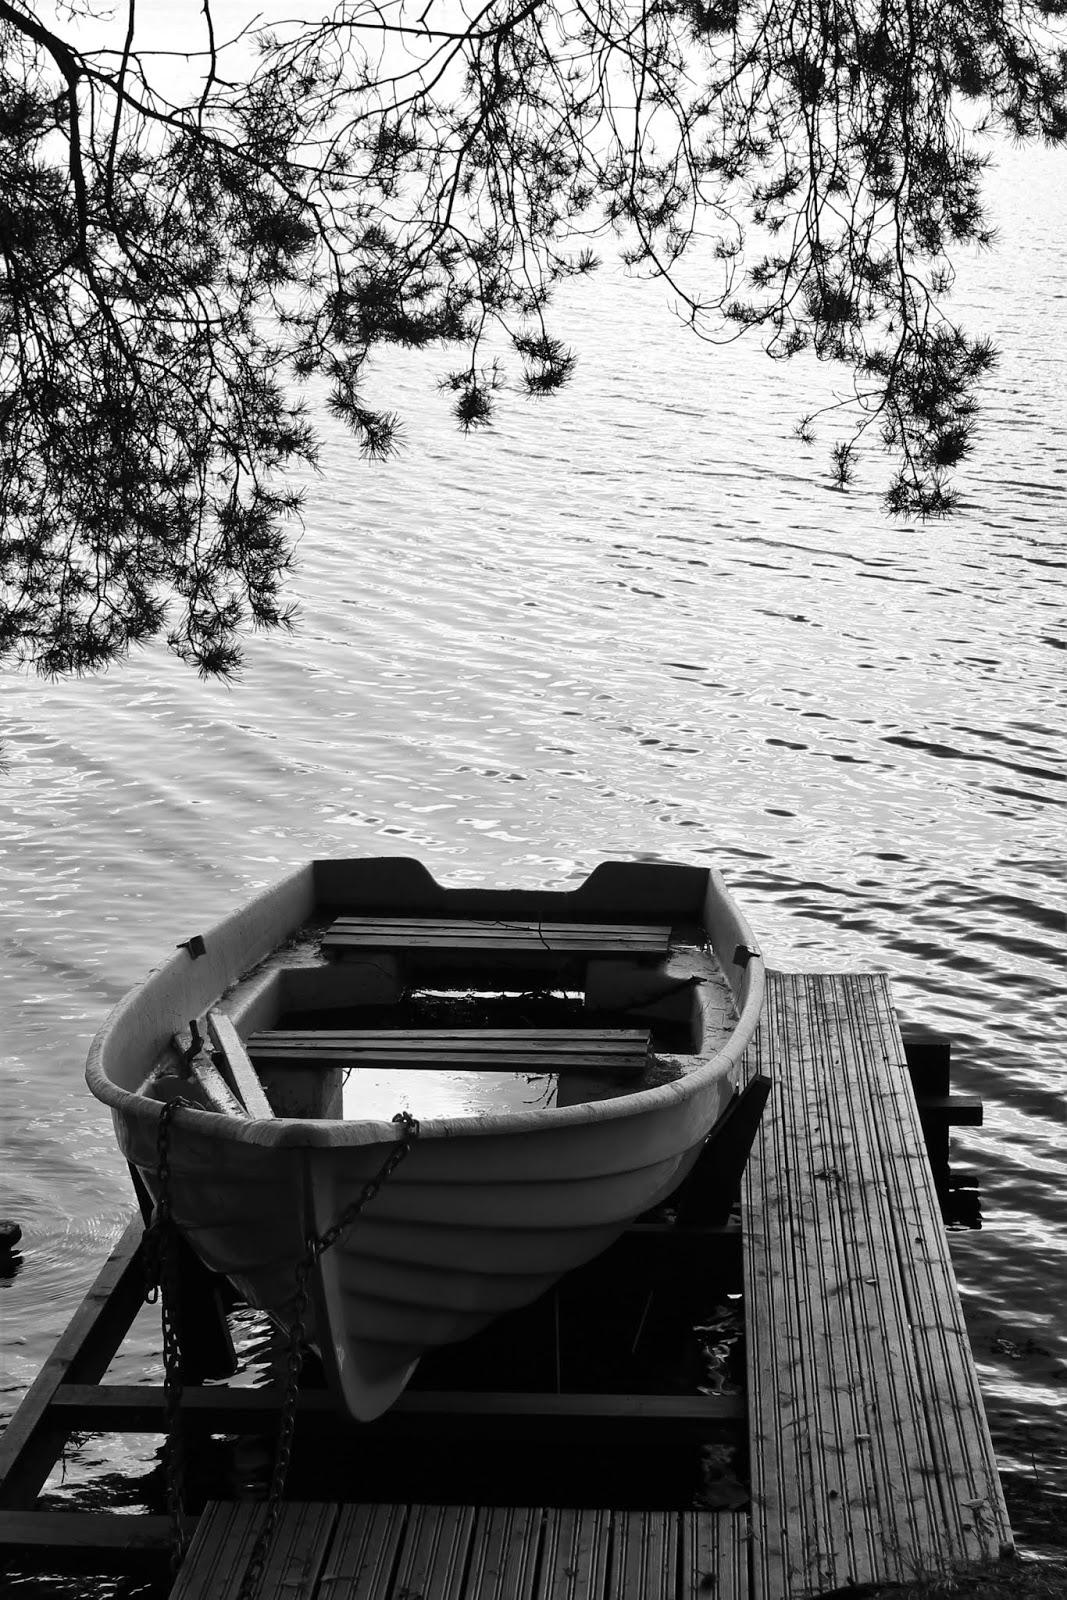 Vene Pyynikinrannassa